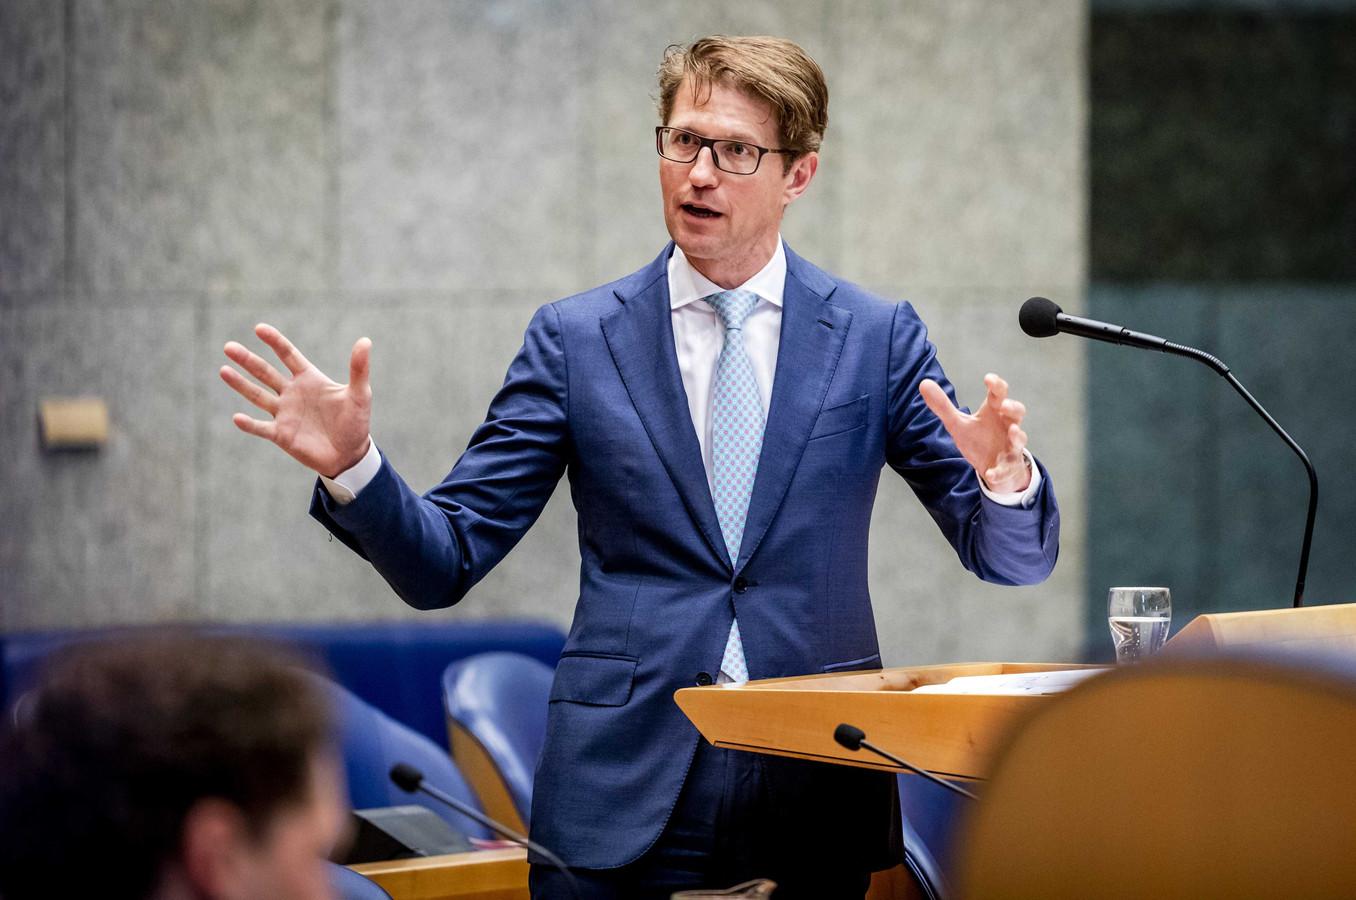 Sander Dekker, minister voor Rechtsbescherming, tijdens een debat in de Tweede Kamer.